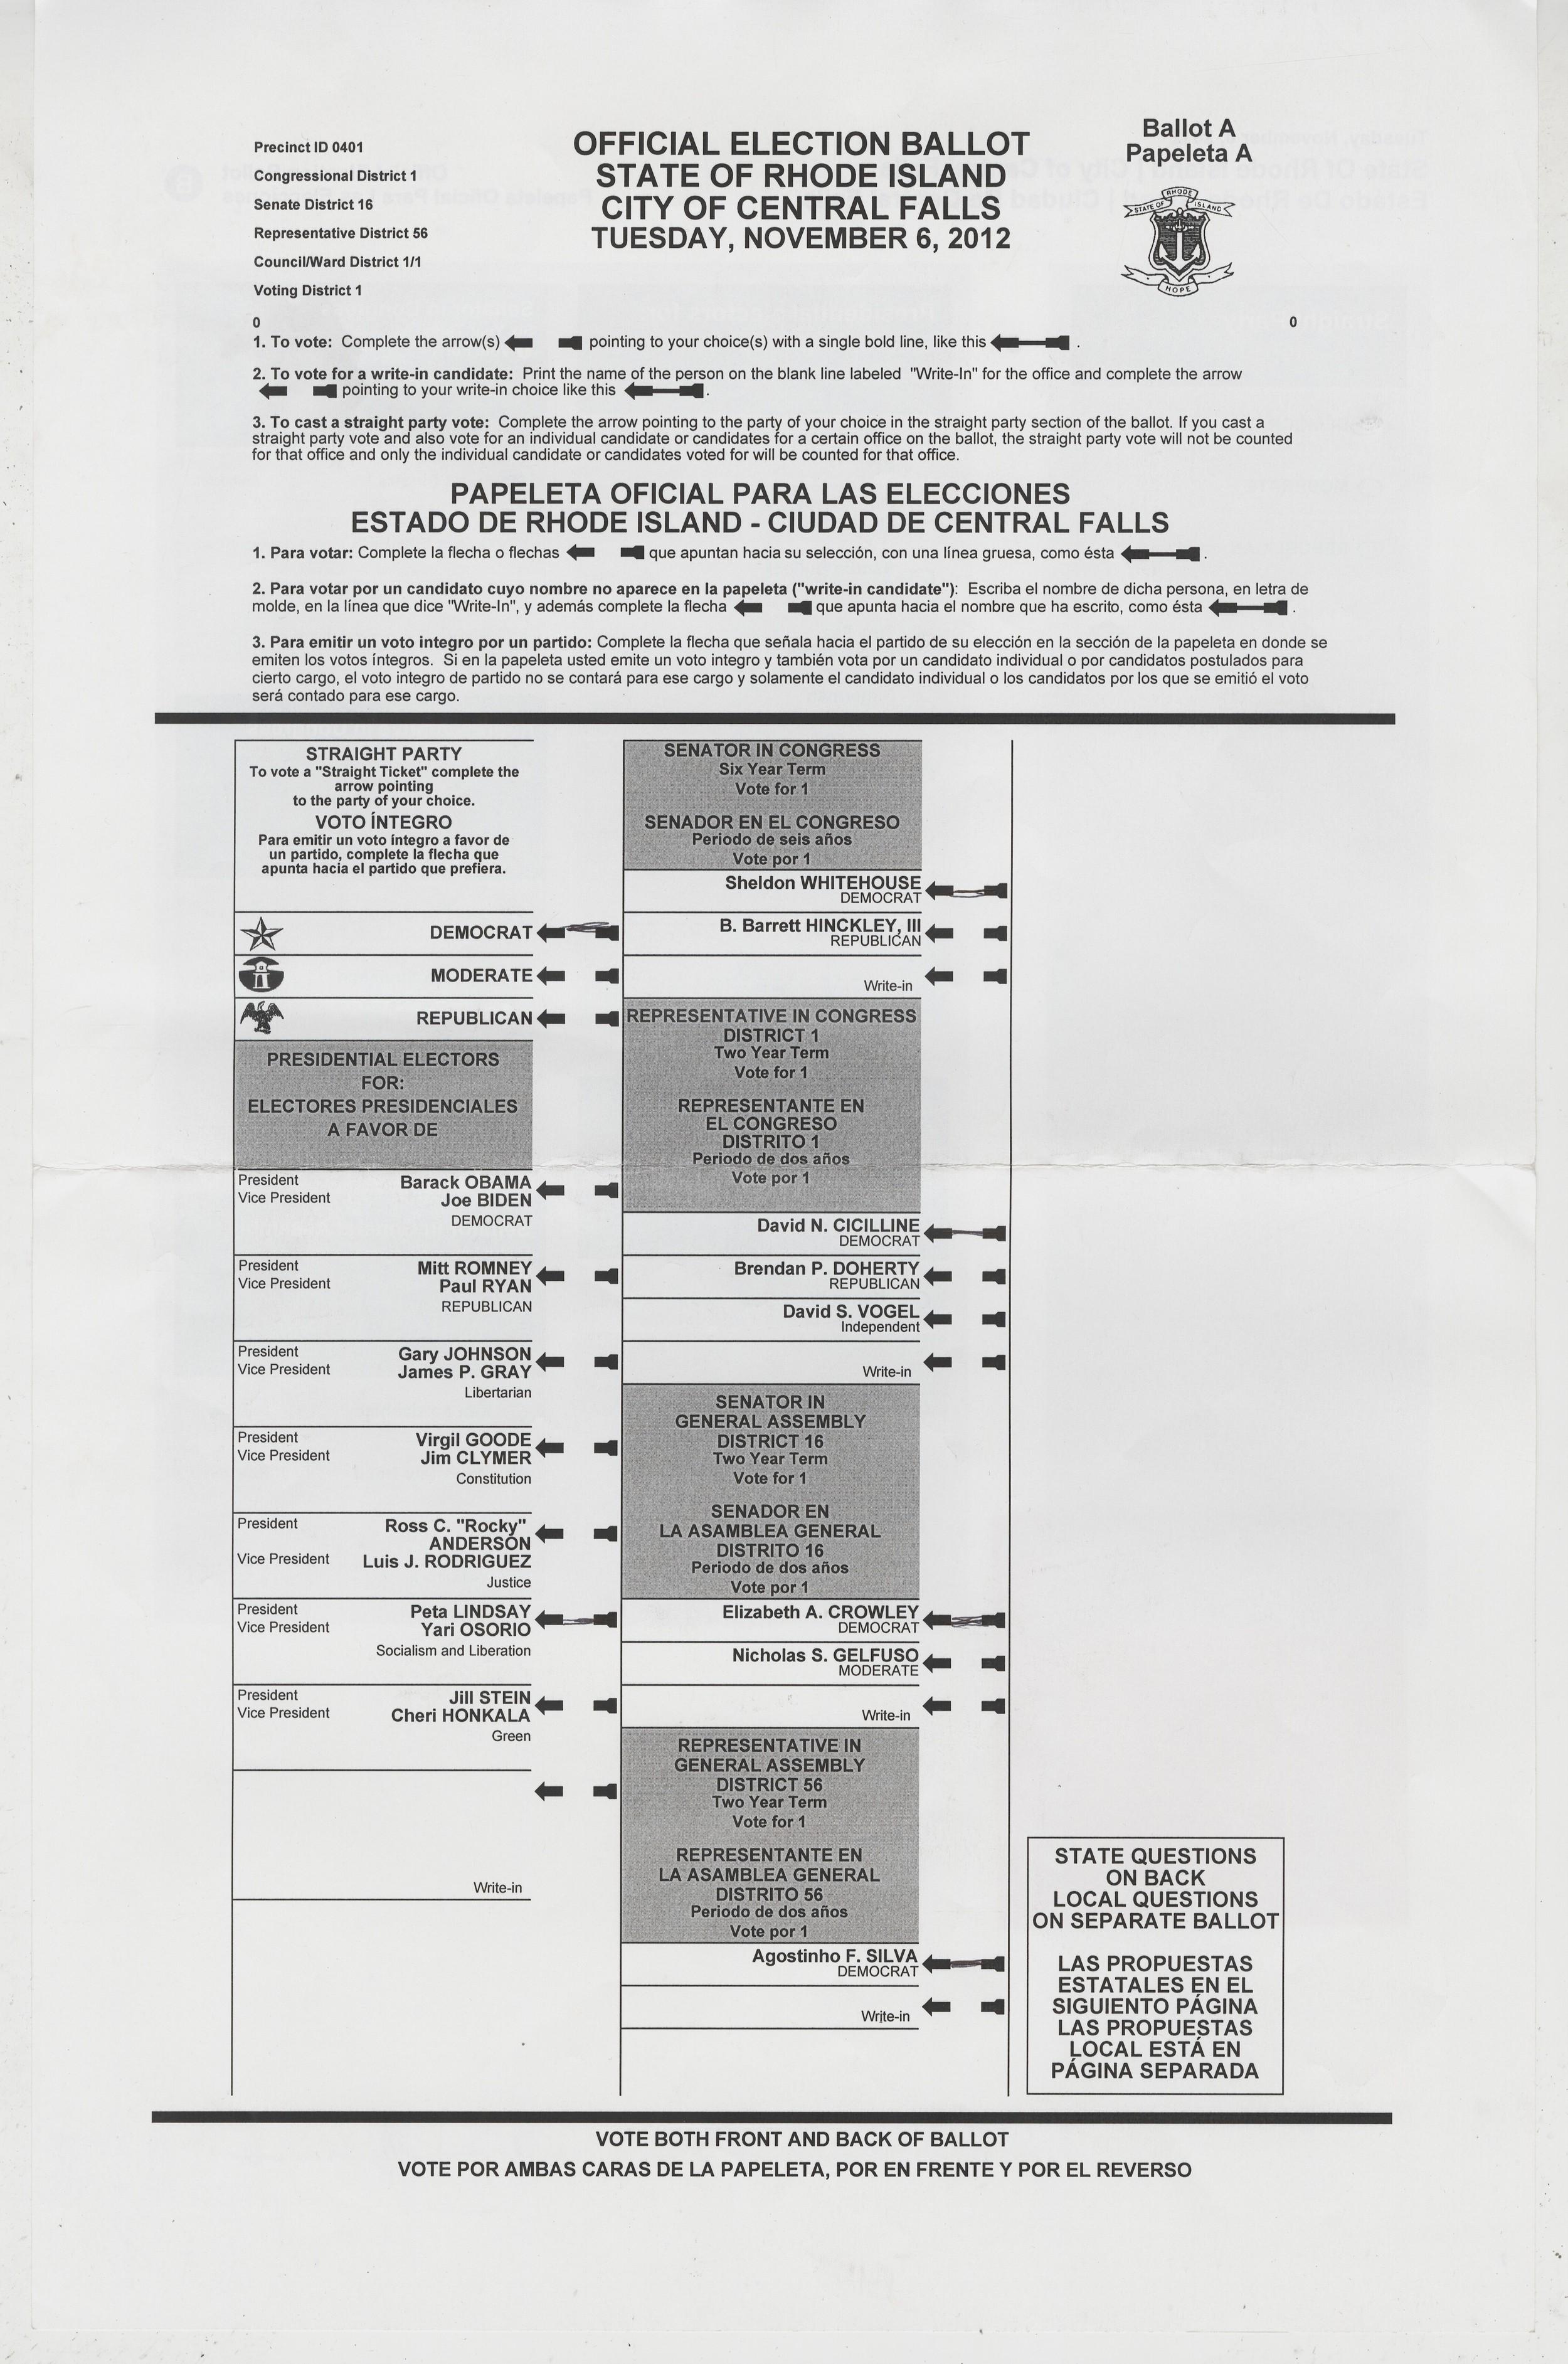 ballot_02a.jpg